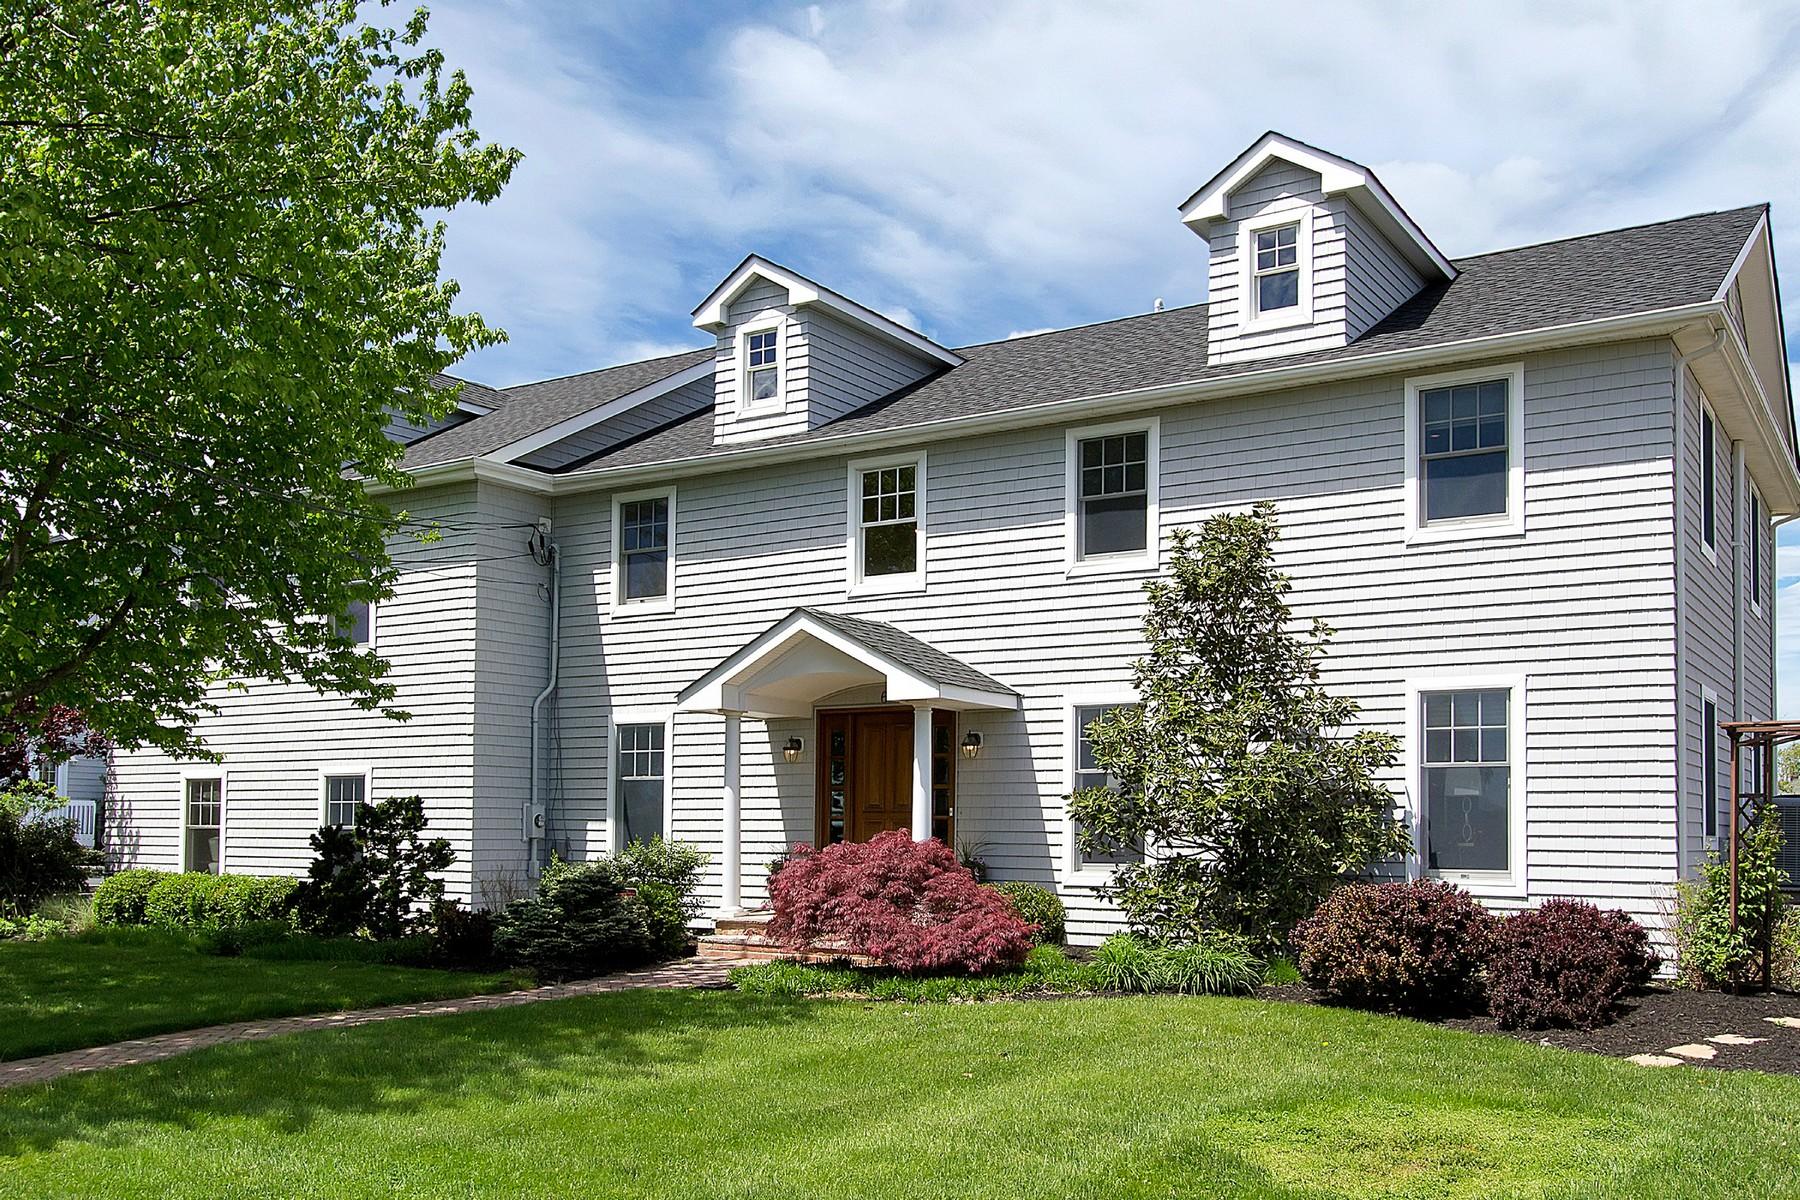 Casa para uma família para Venda às Elegant Center Hall Colonial 6 Harbour Way Monmouth Beach, Nova Jersey, 07750 Estados Unidos